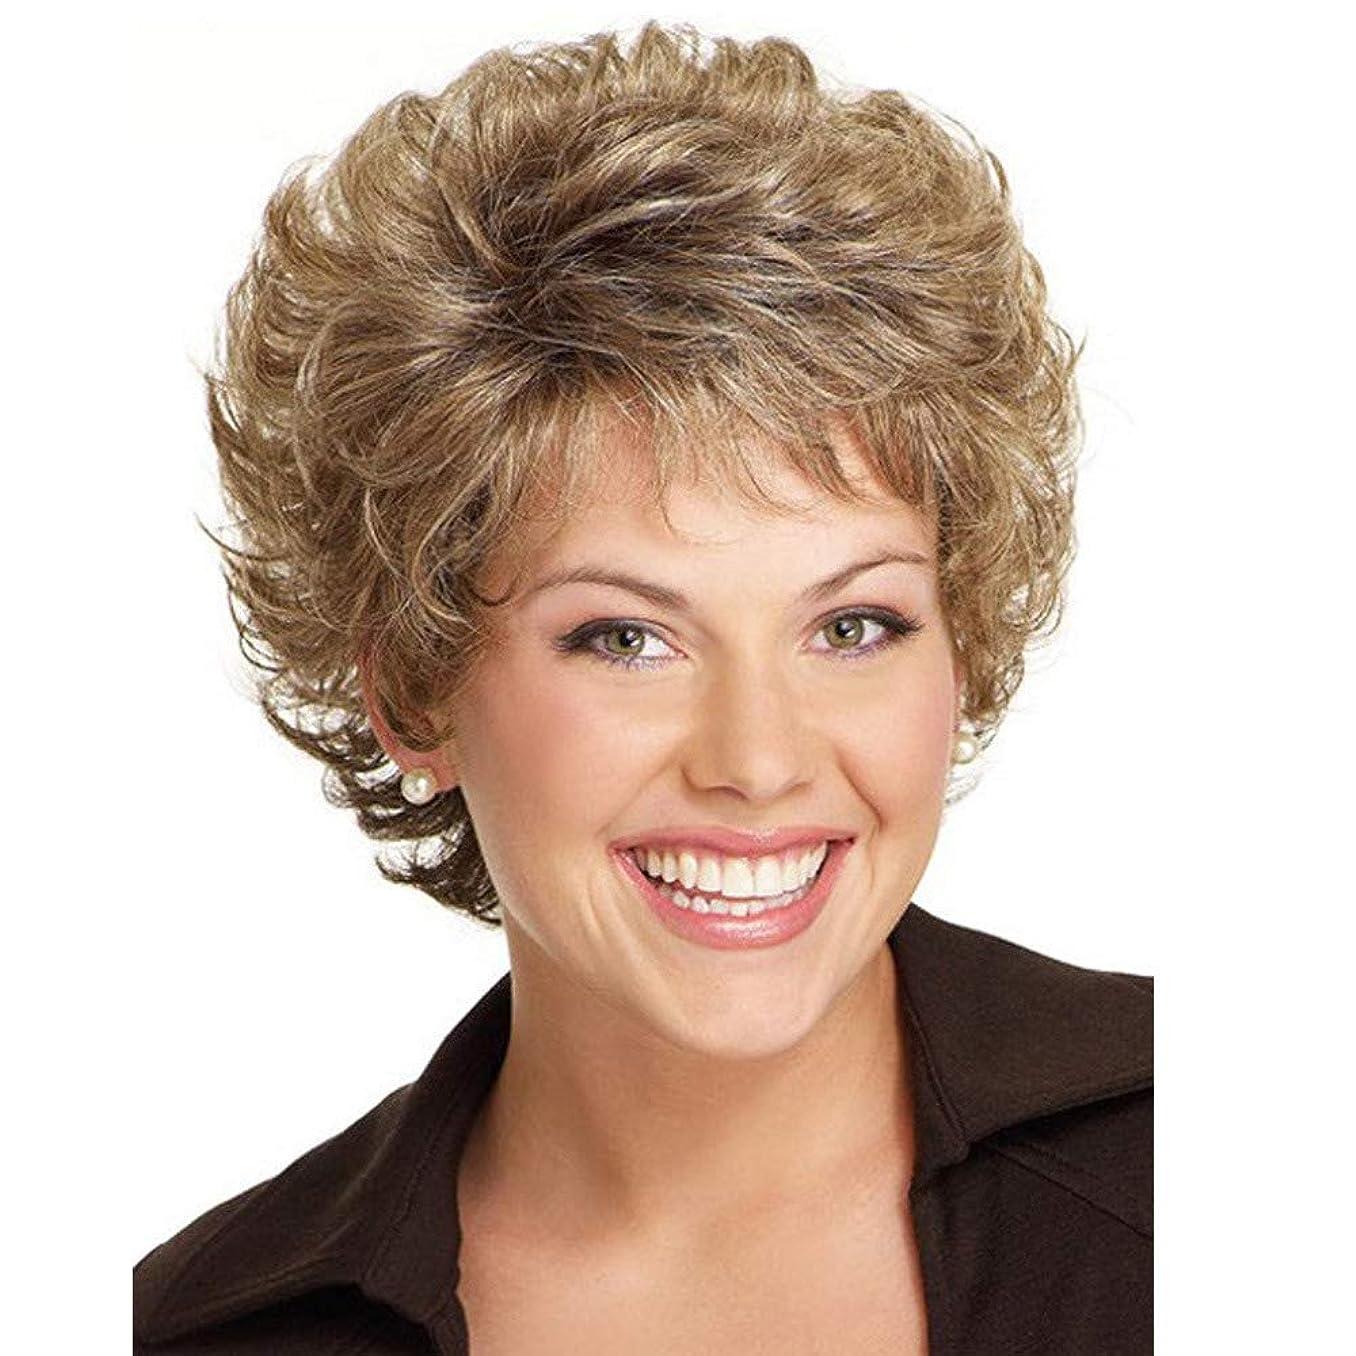 運命的な近代化絡み合い女性かつら180%高密度耐熱短髪混色カール人工毛フル毛髪かつらブラウン22 cm